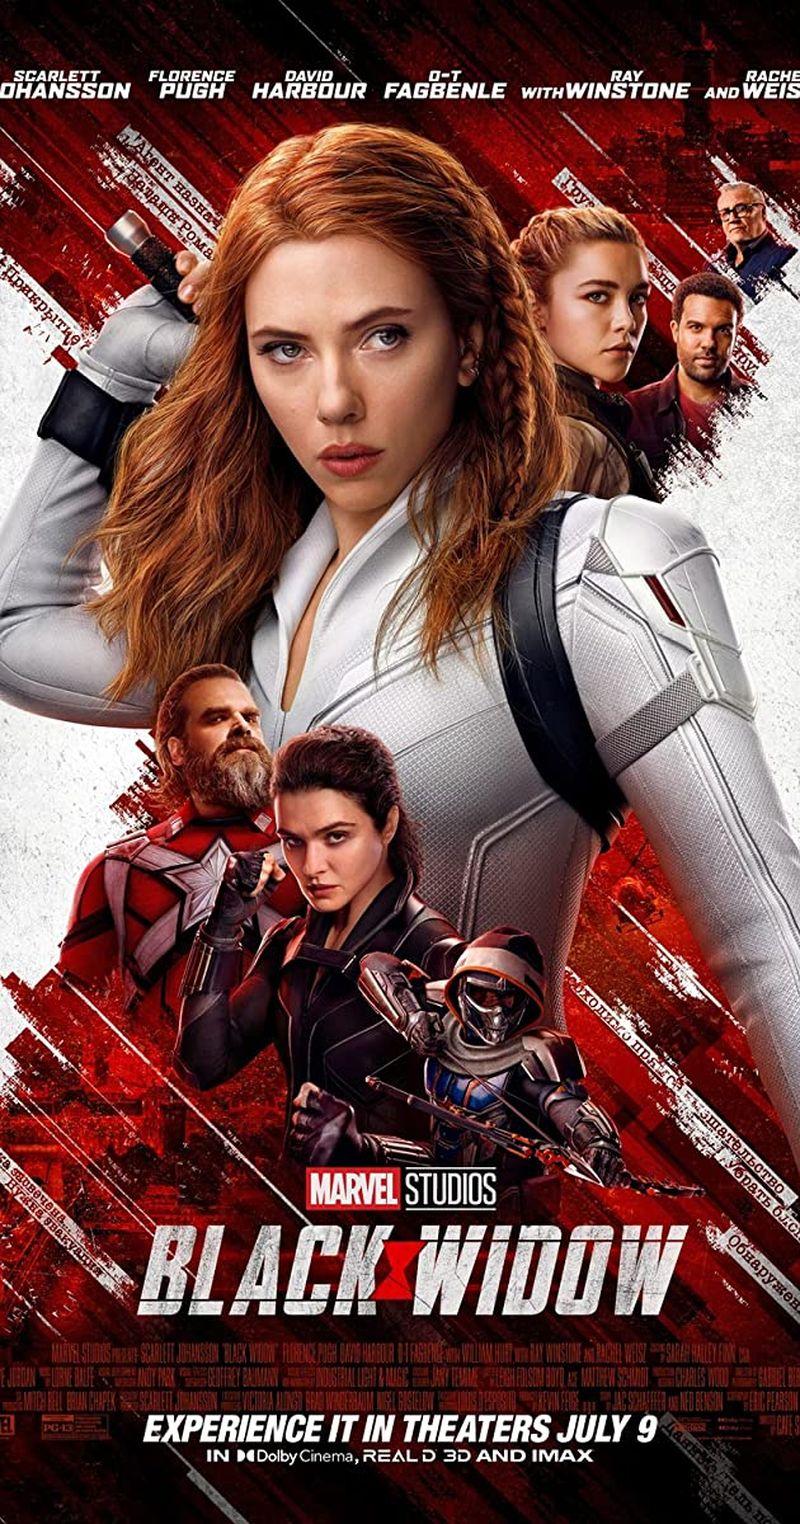 """Black Widow, noul film Marvel din seria """"Avengers"""", va avea premiera în cinematografele din România pe 9 iulie"""